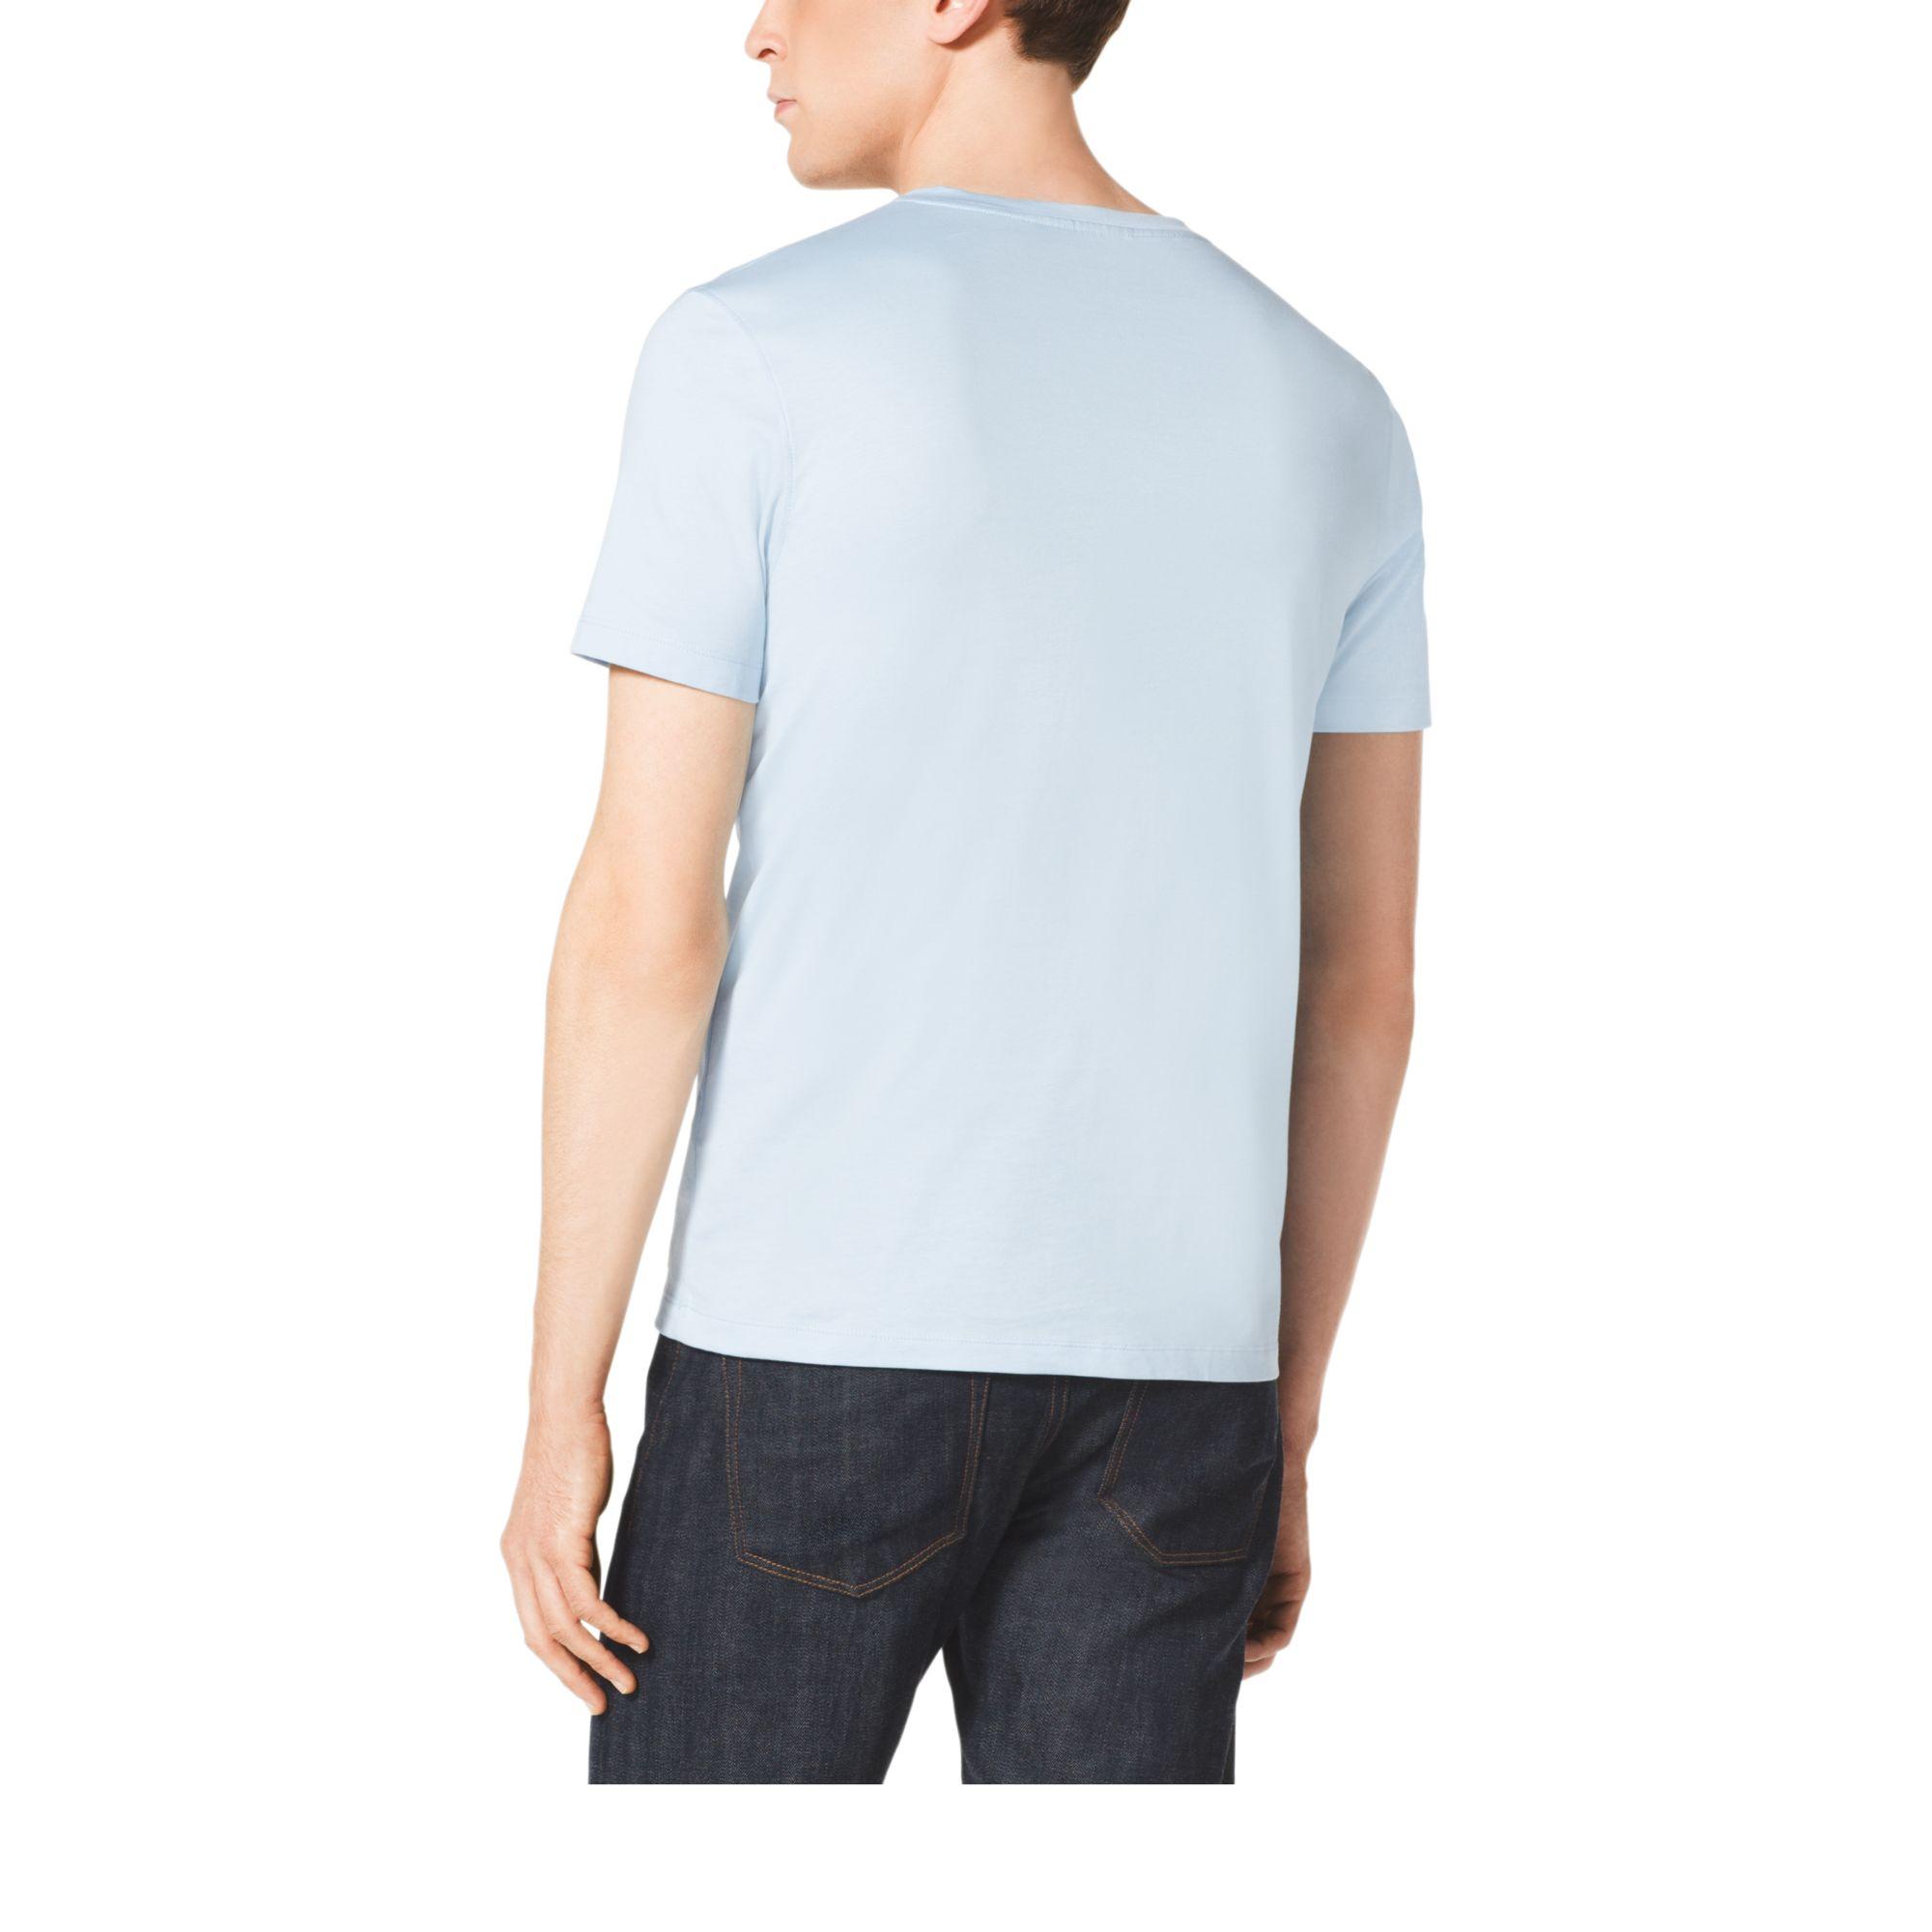 michael kors cotton jersey v neck t shirt in blue for men. Black Bedroom Furniture Sets. Home Design Ideas